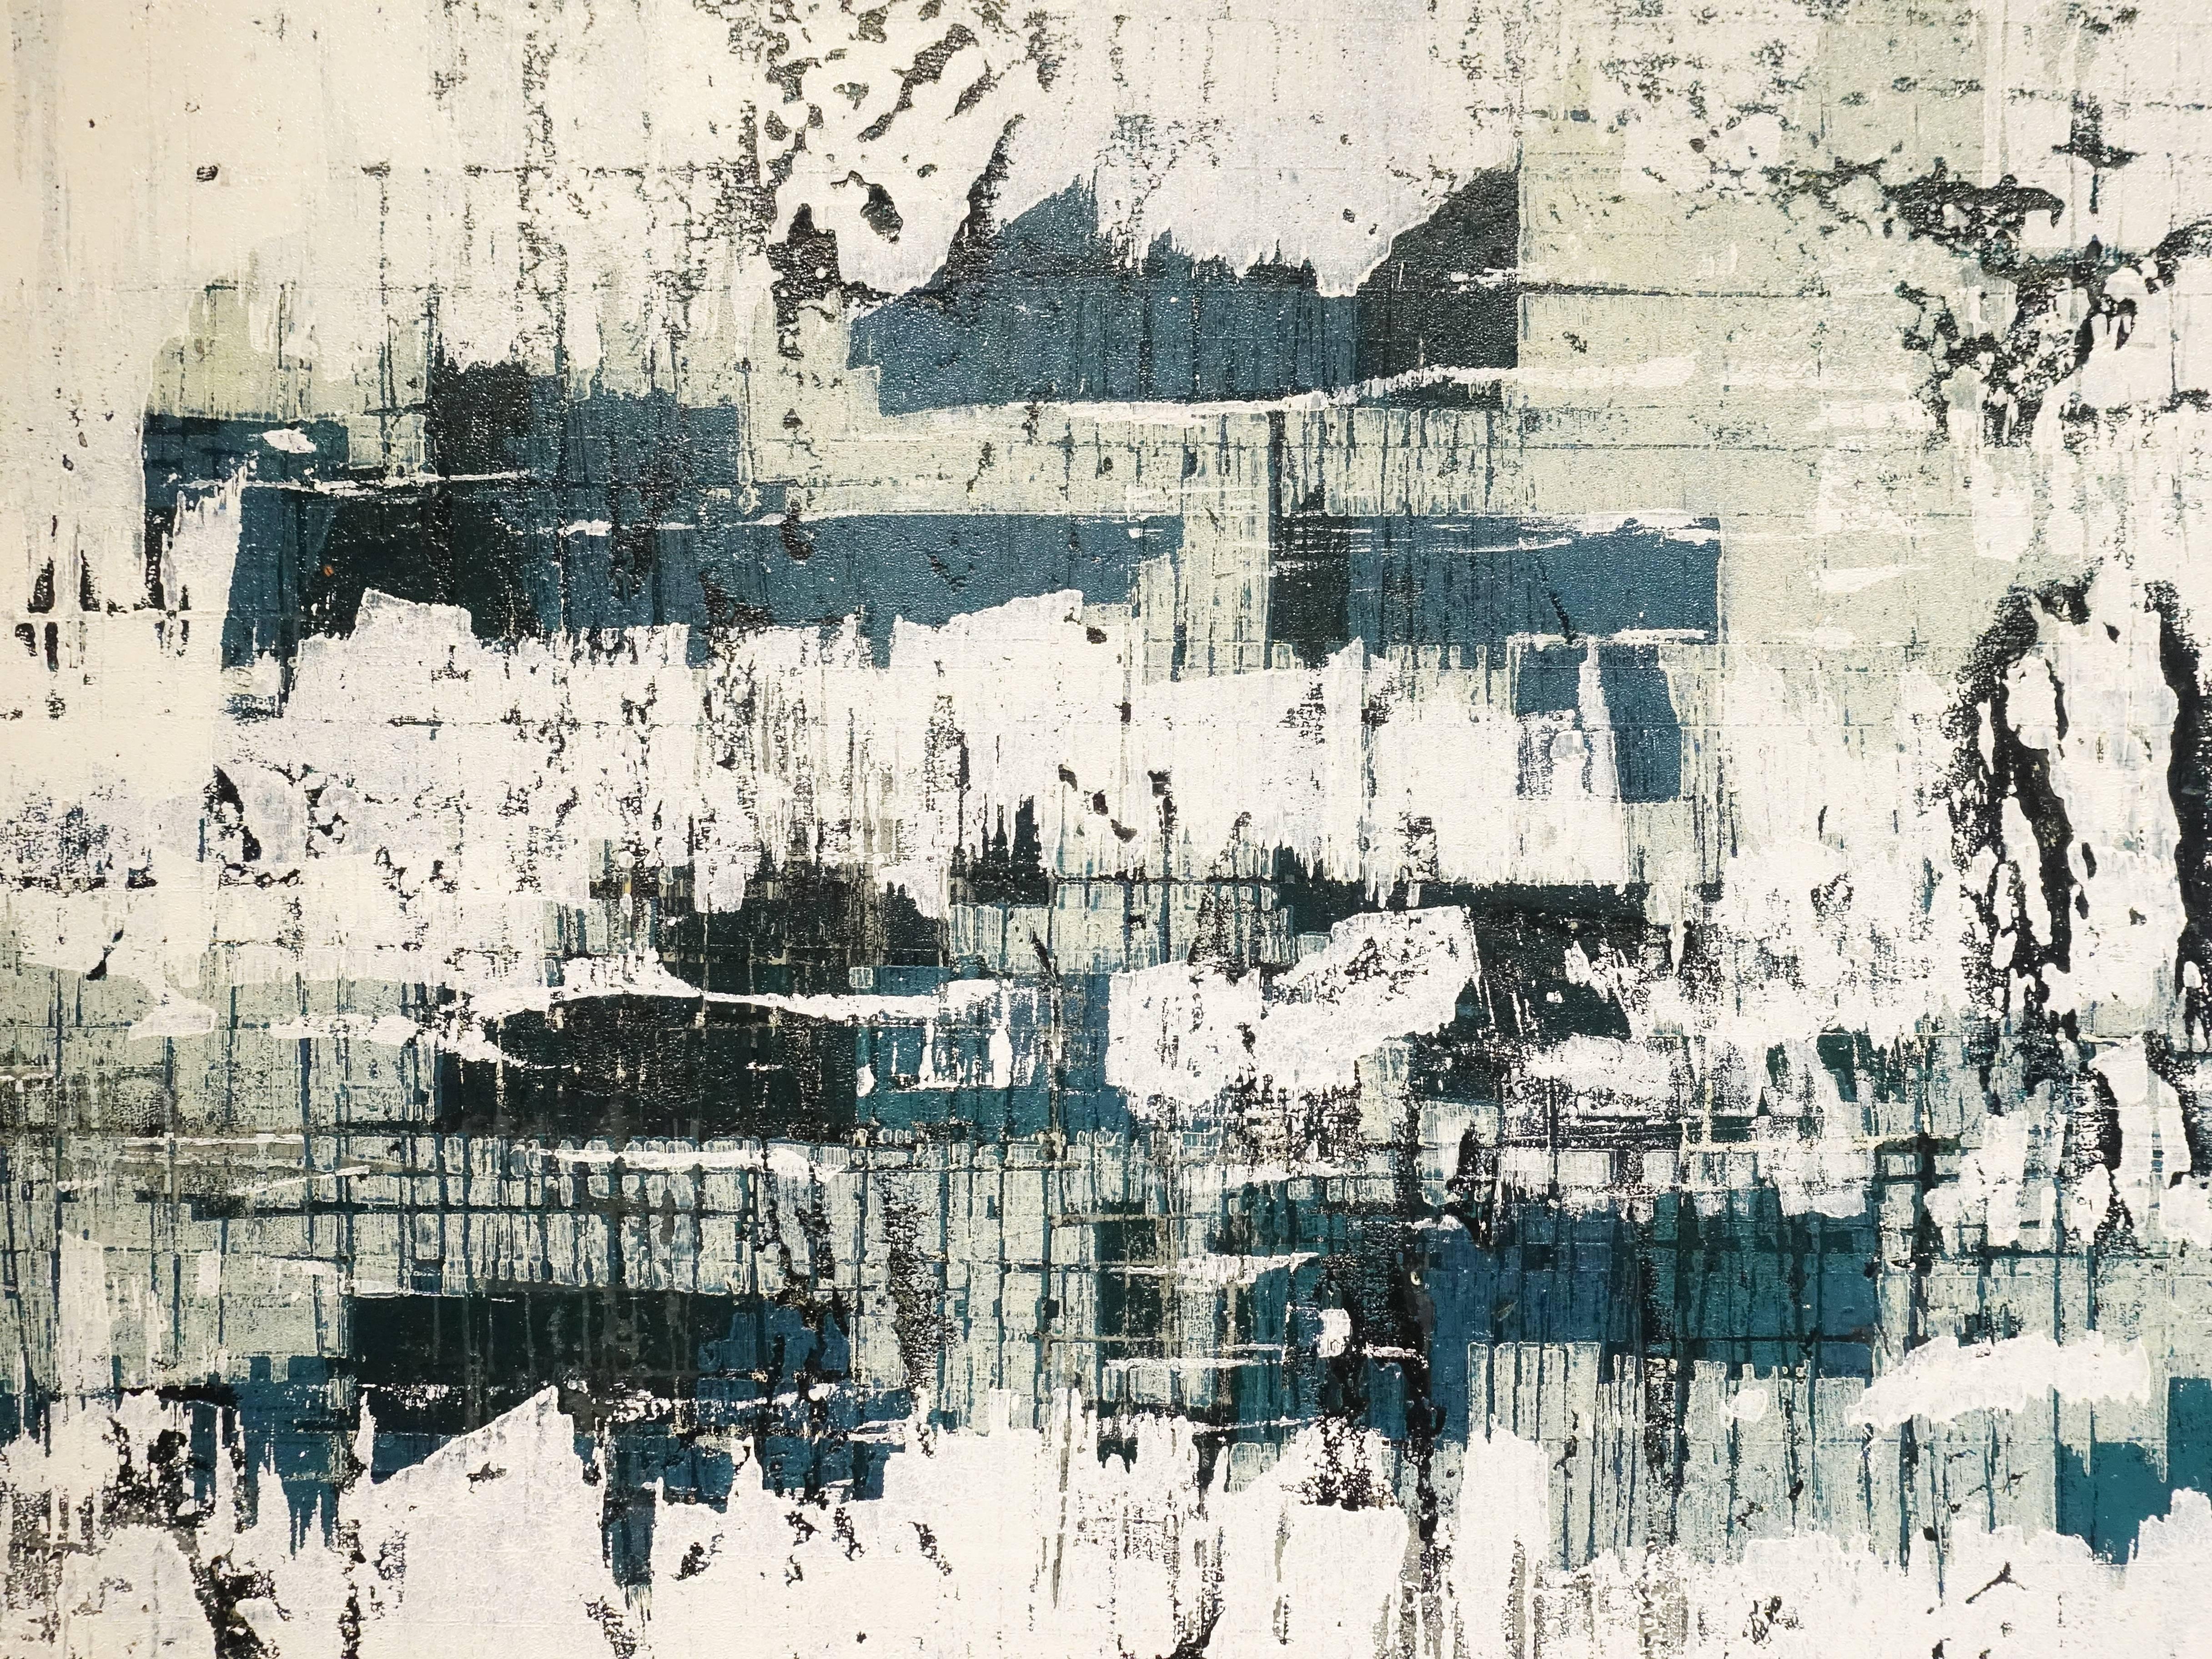 徐明豐,《記憶‧城市之一》細節,93.5 x 122 cm,複合媒材-畫布,2017。